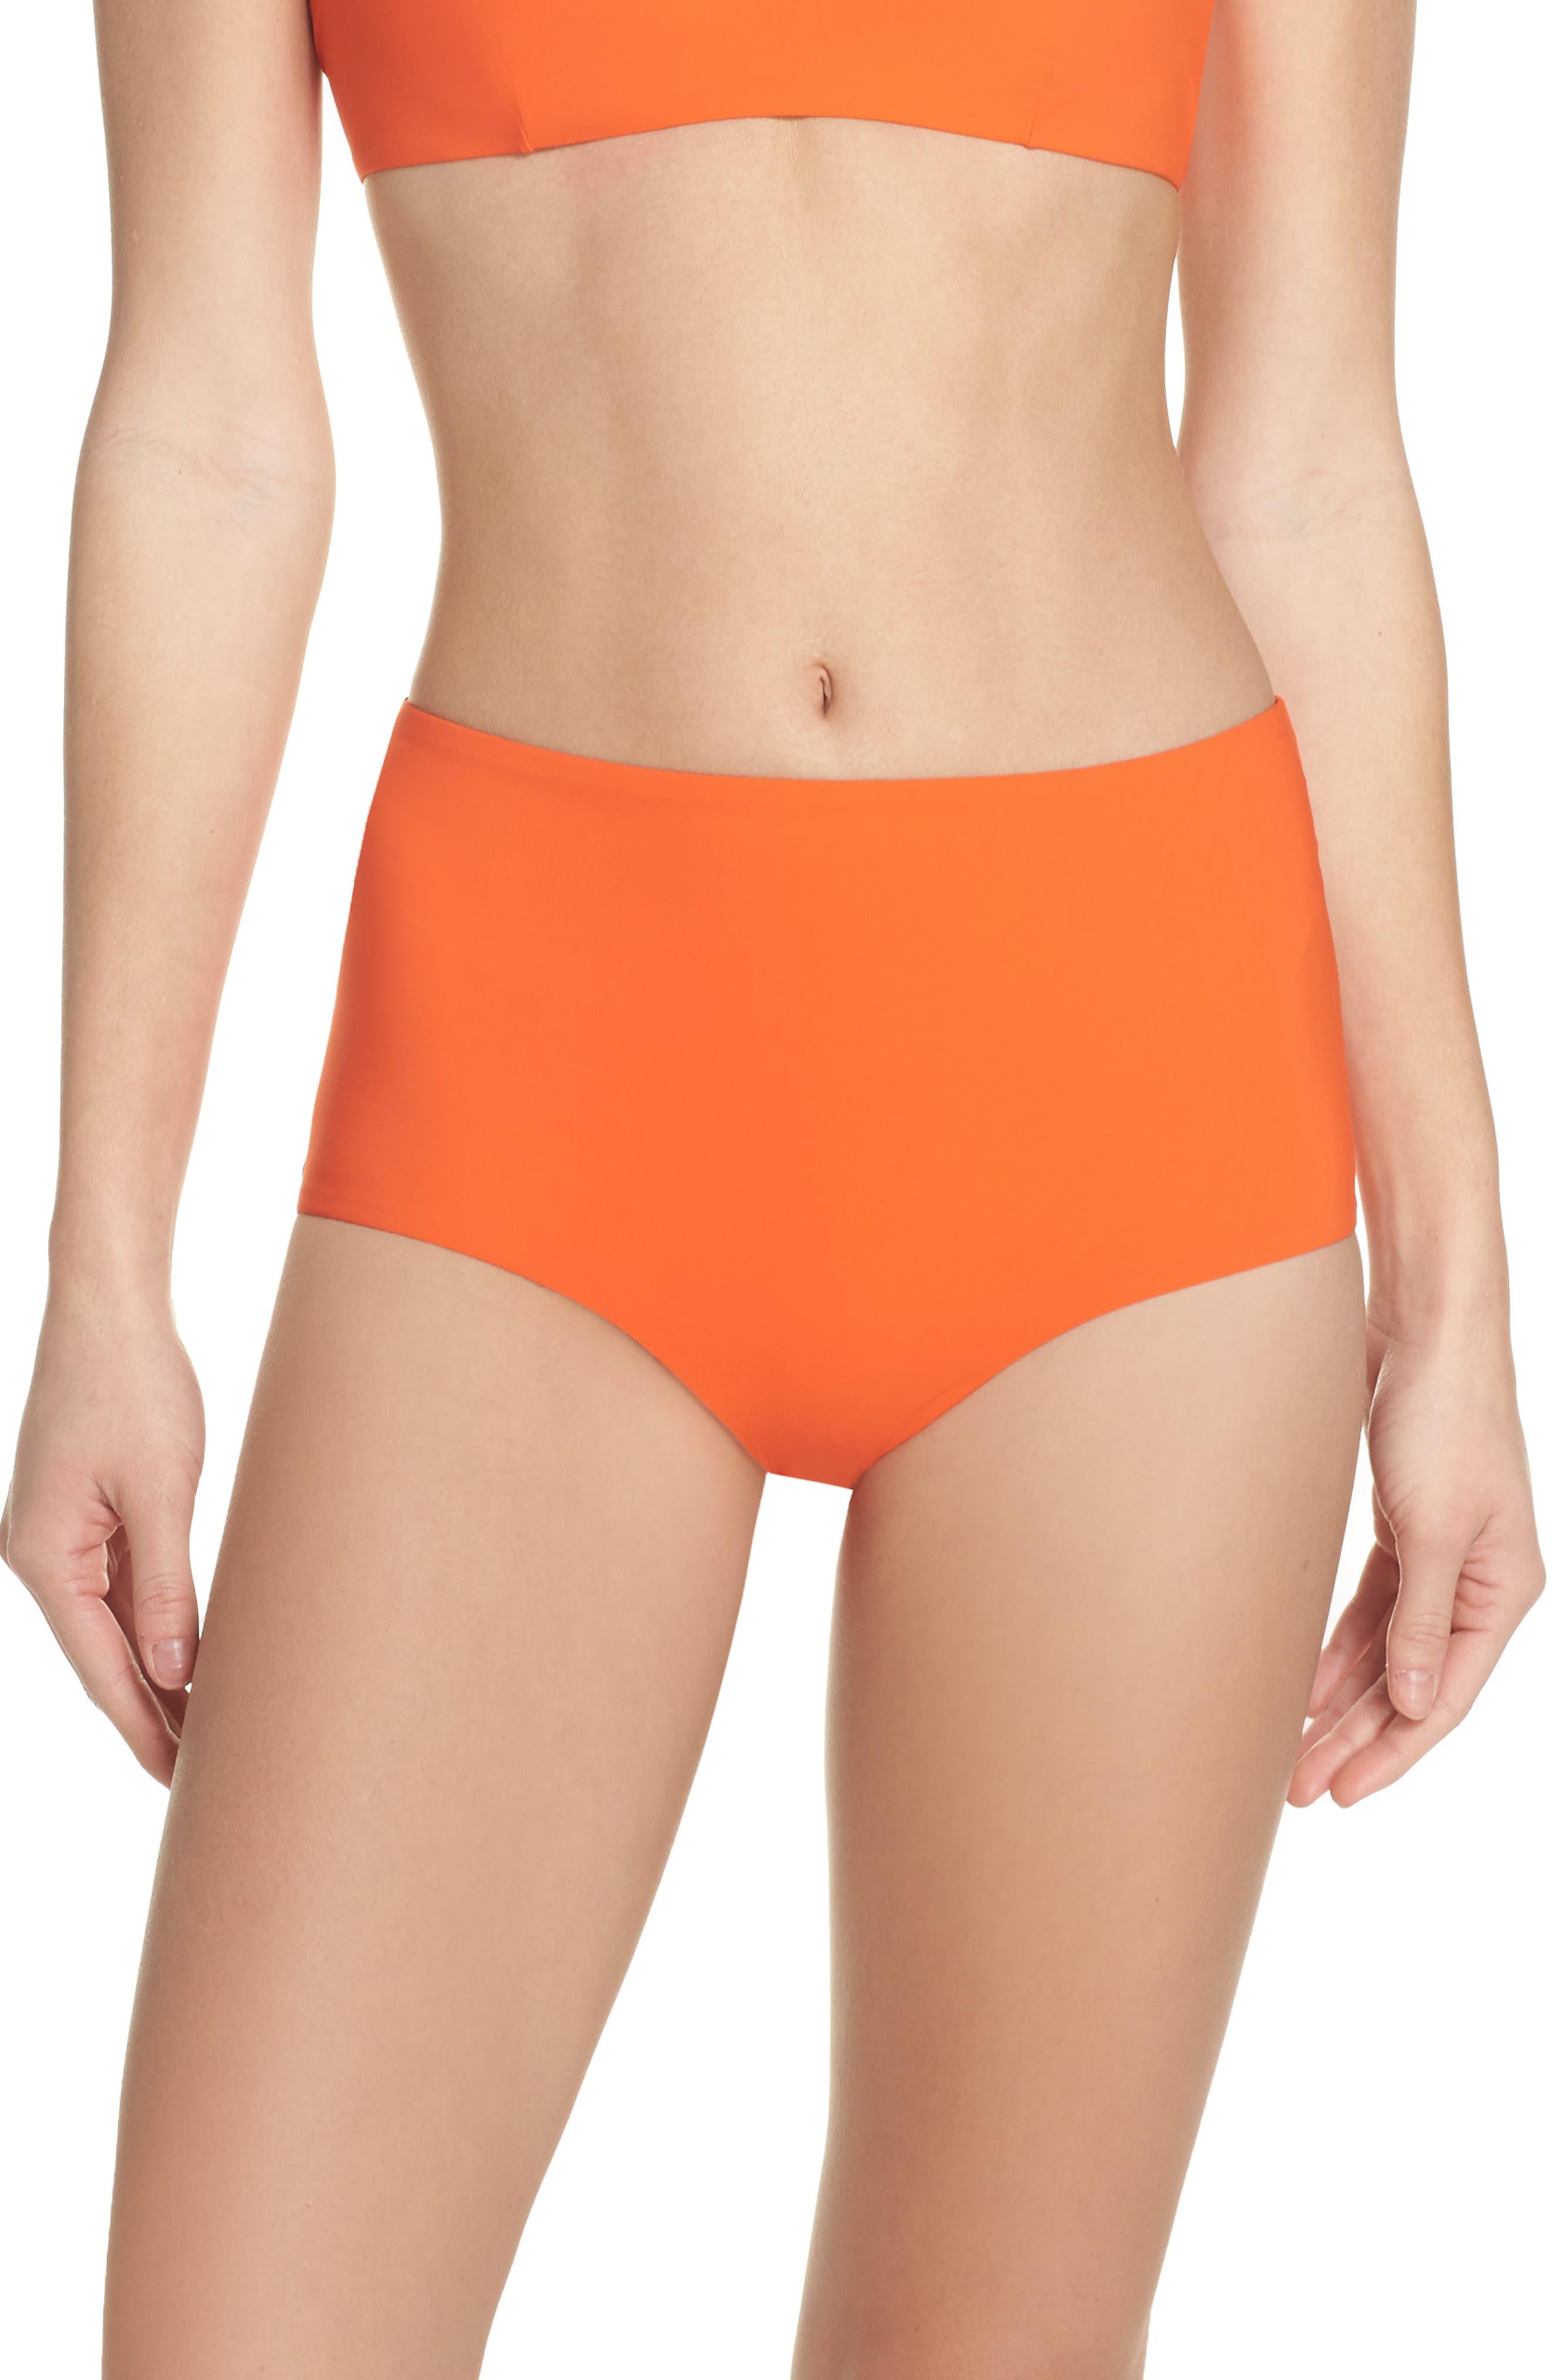 Marina High Waist Bikini Bottoms,                             Main thumbnail 1, color,                             844